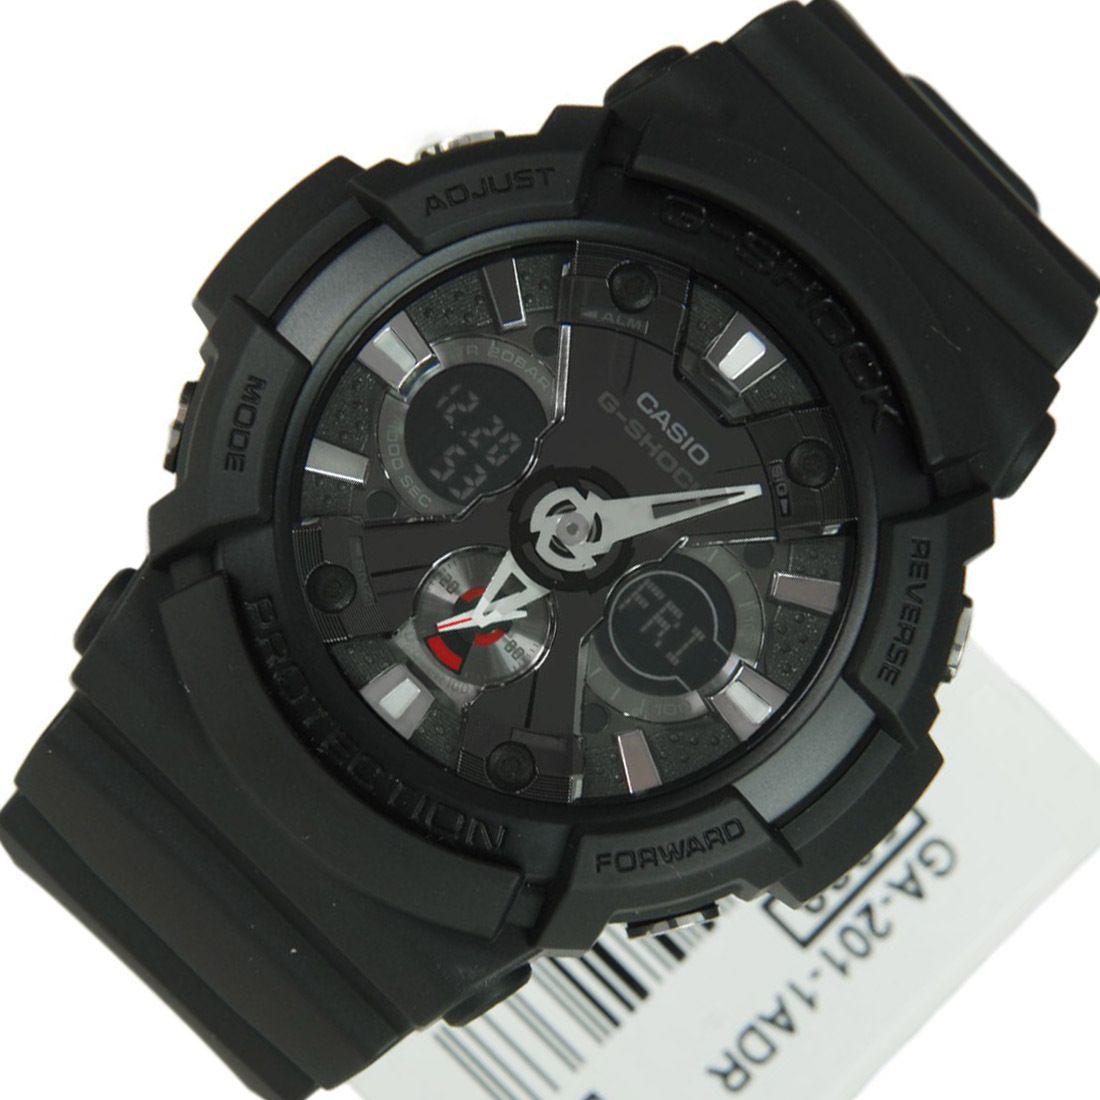 Chronograph-Divers.com - GA-201-1A Casio G-Shock Quartz WR200m Black Analog Digital Mens Watch, $100.00 (http://www.chronograph-divers.com/ga-201-1adr/)